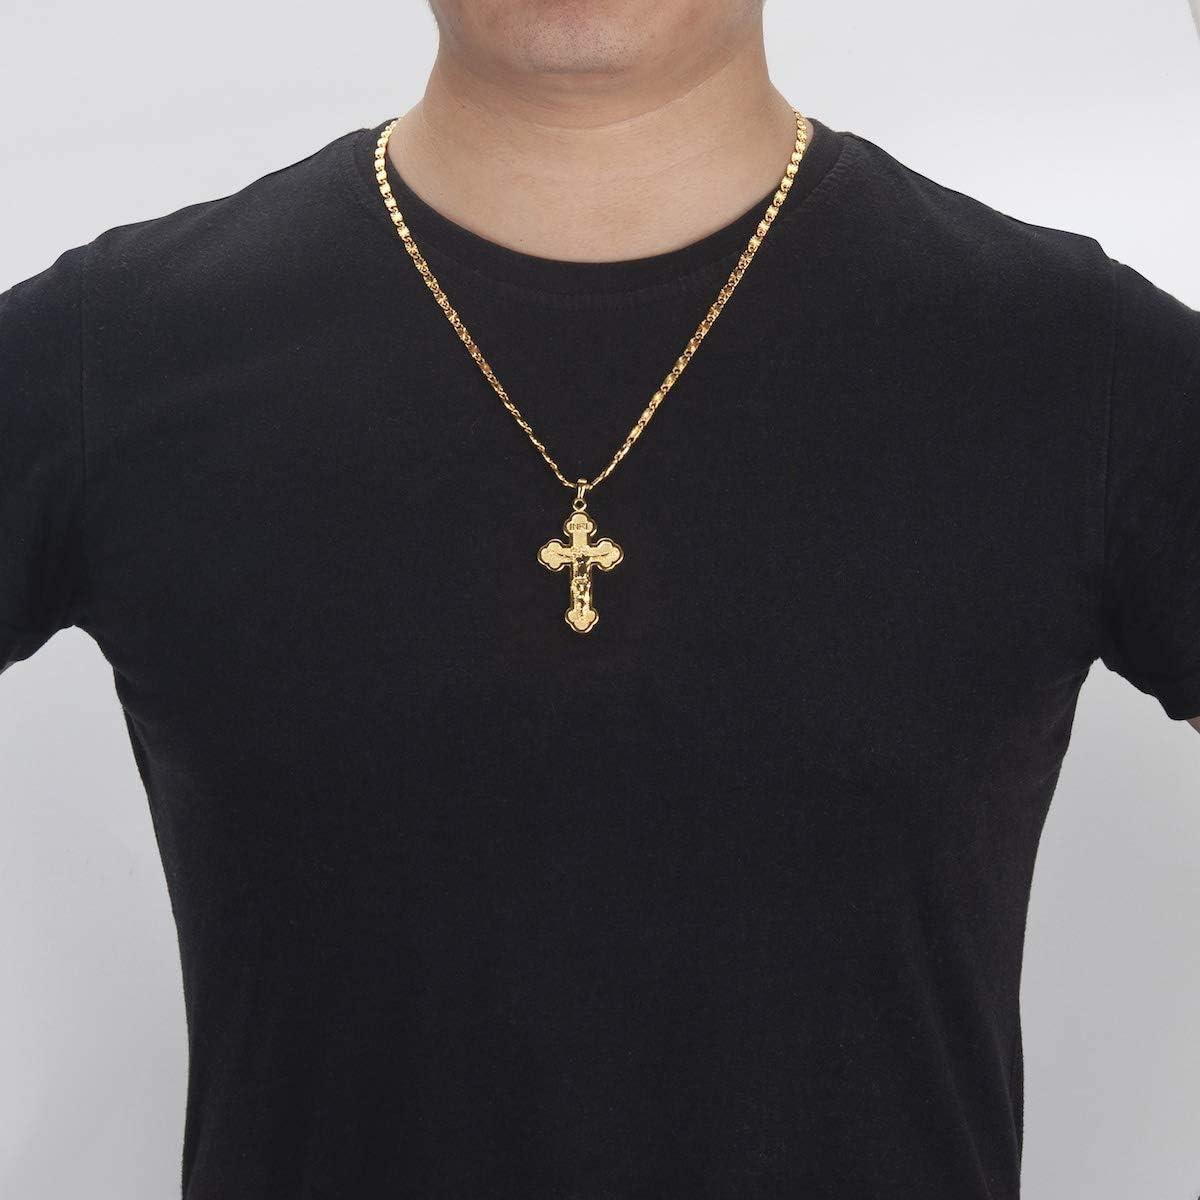 MASARWA Homme Femme Plaqu/é or 24 K J/ésus Christ Croix Crucifix Pendentif Colliers Cha/îne de 60cm